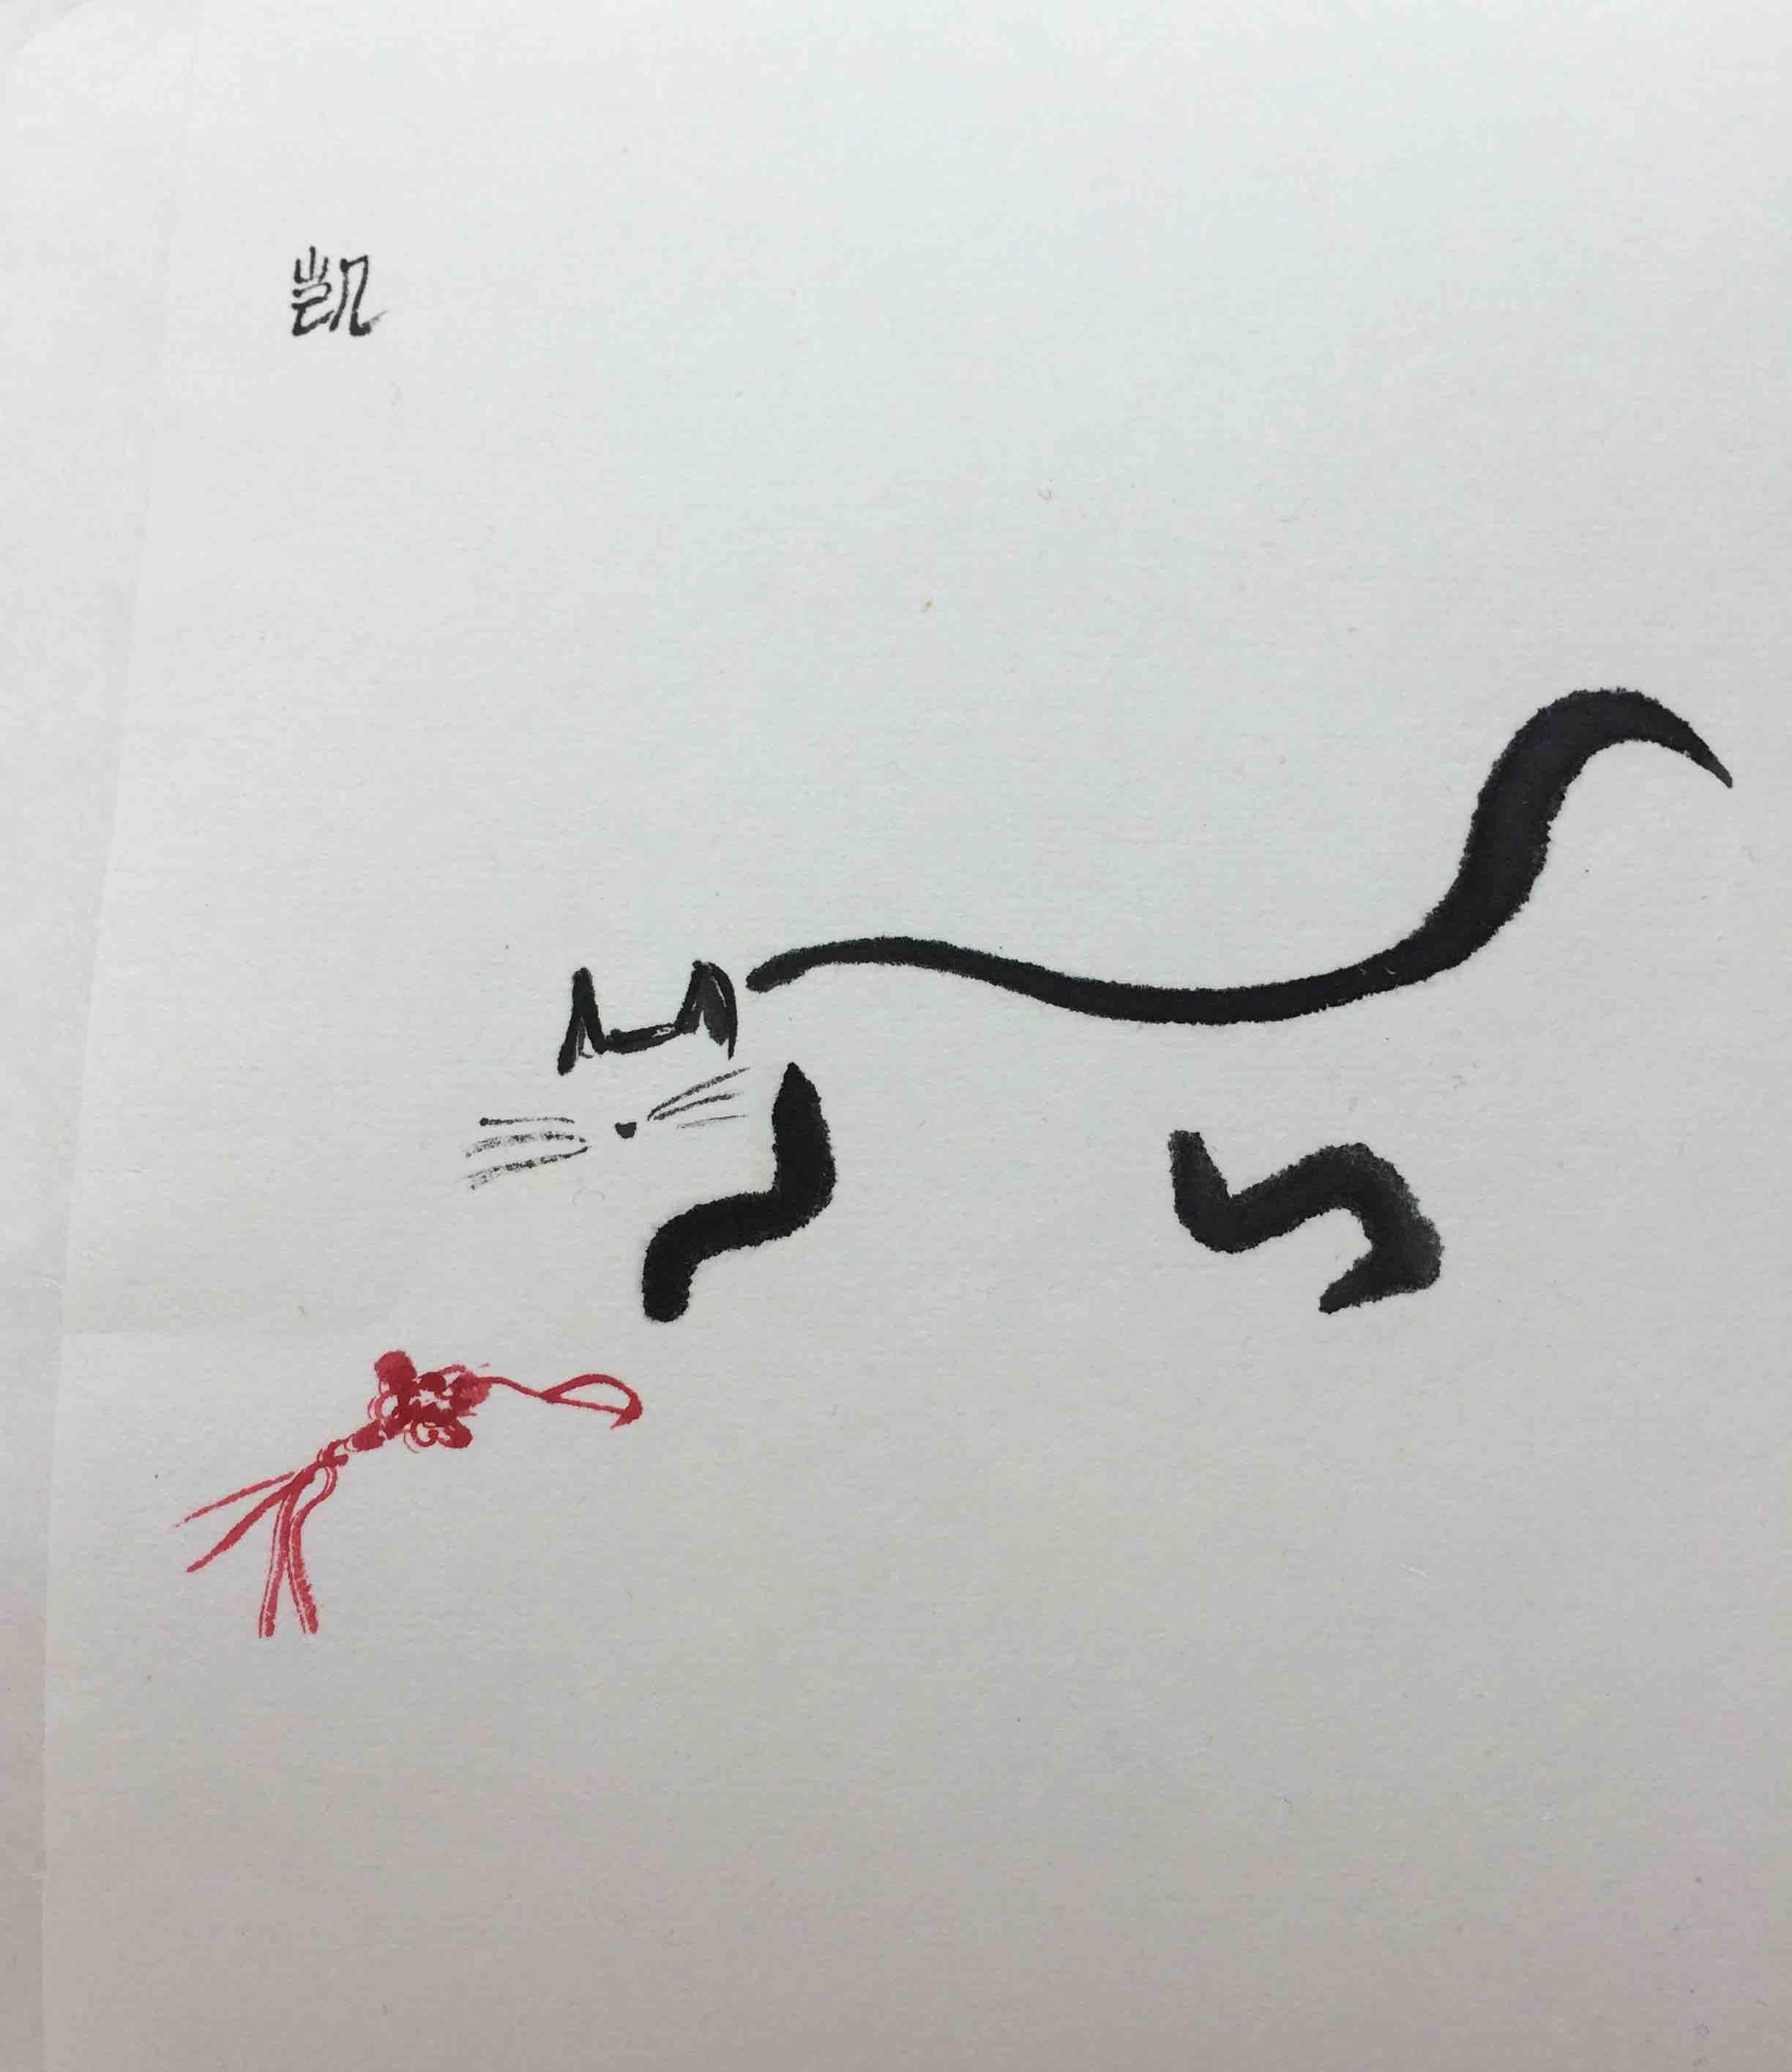 Katze spielt mit chinesischem Glücksknoten